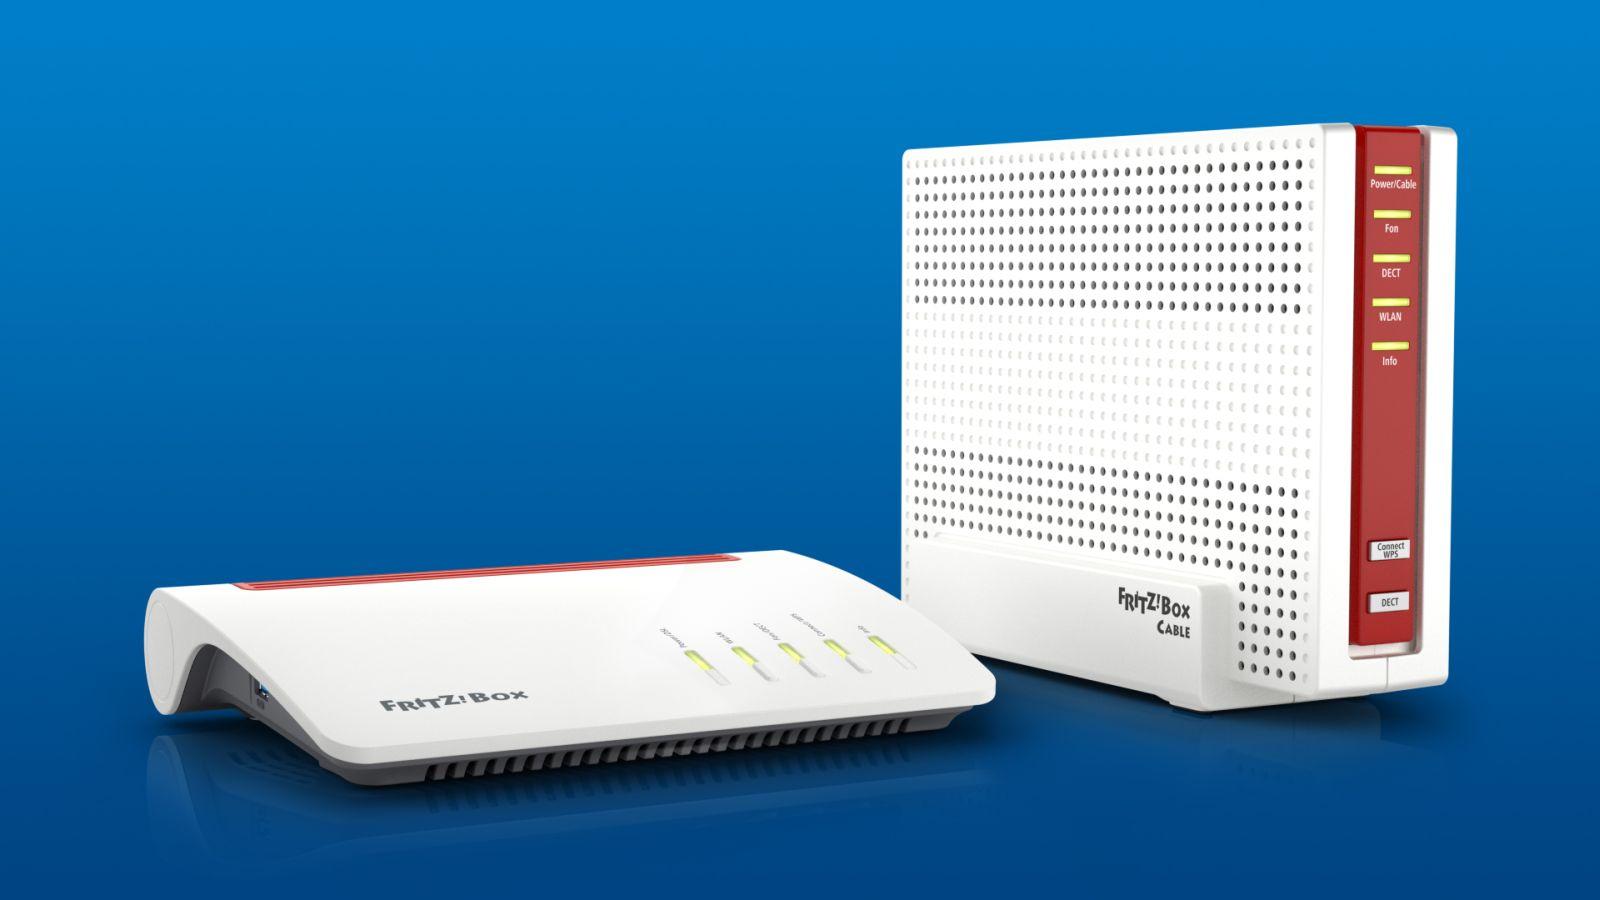 avm stellt fritzbox  und fritzbox  cable vor